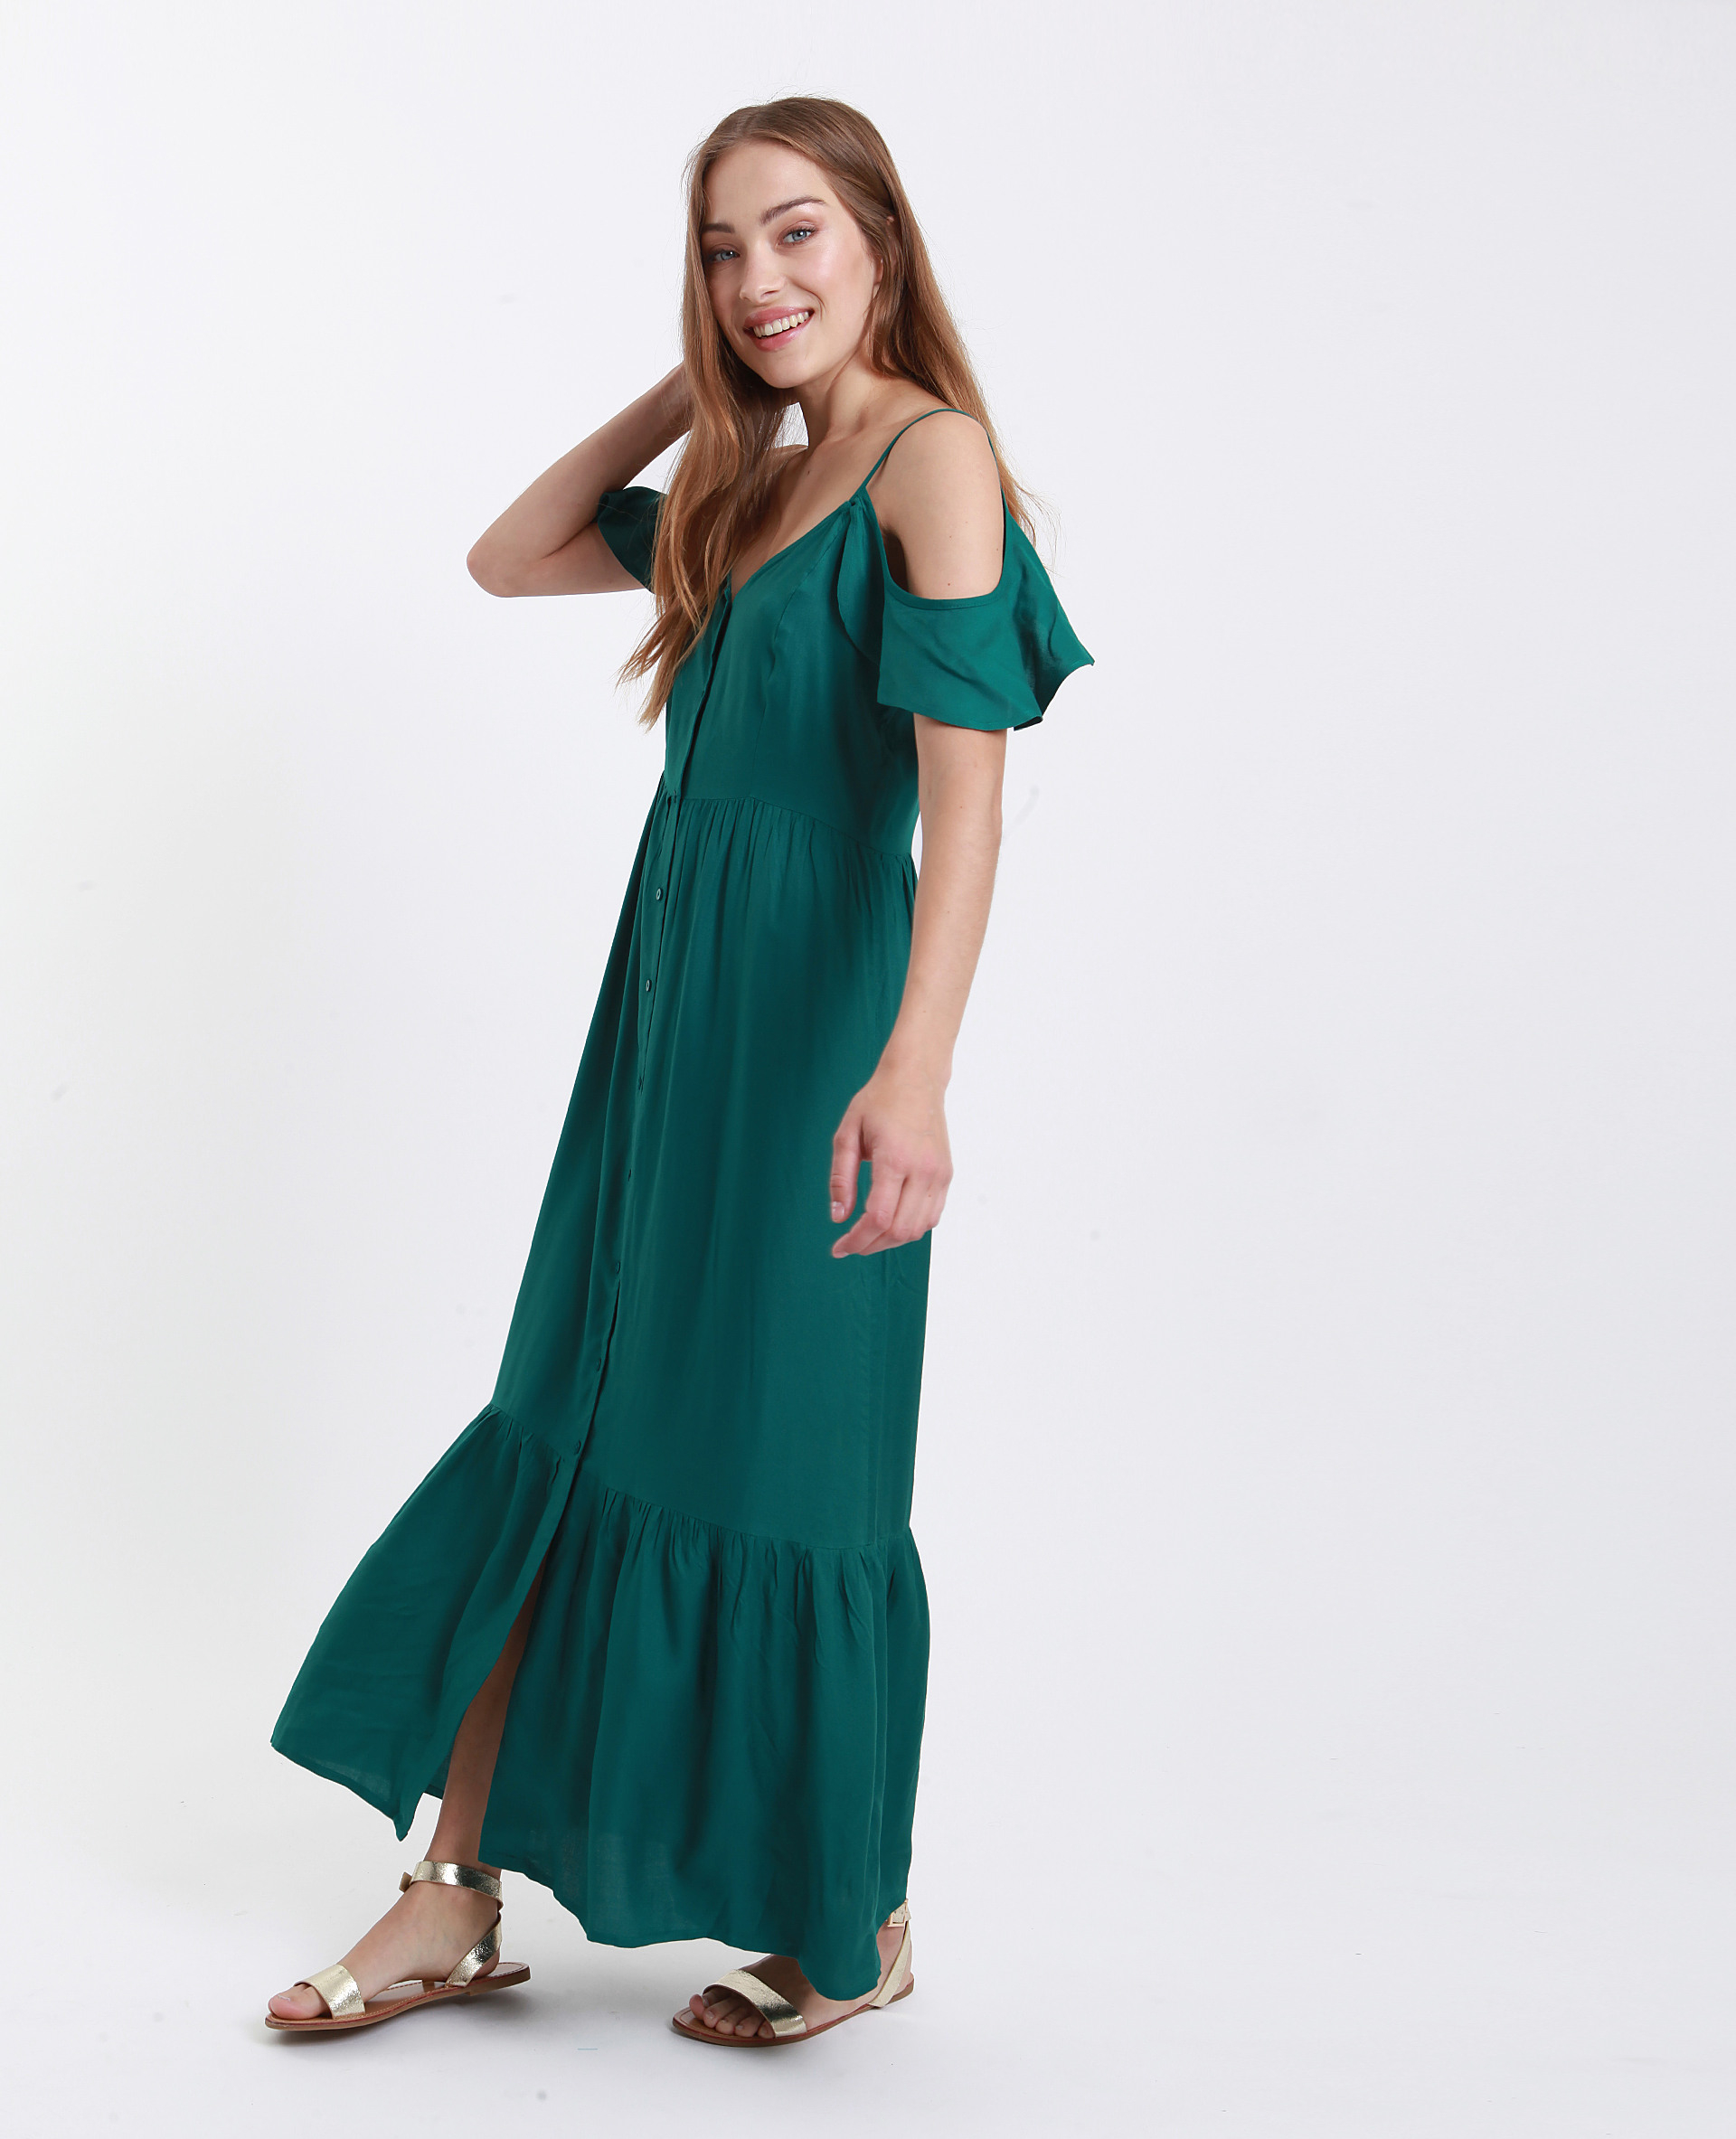 Langes Kleid Mit Knöpfen Grün  781245535A05  Pimkie